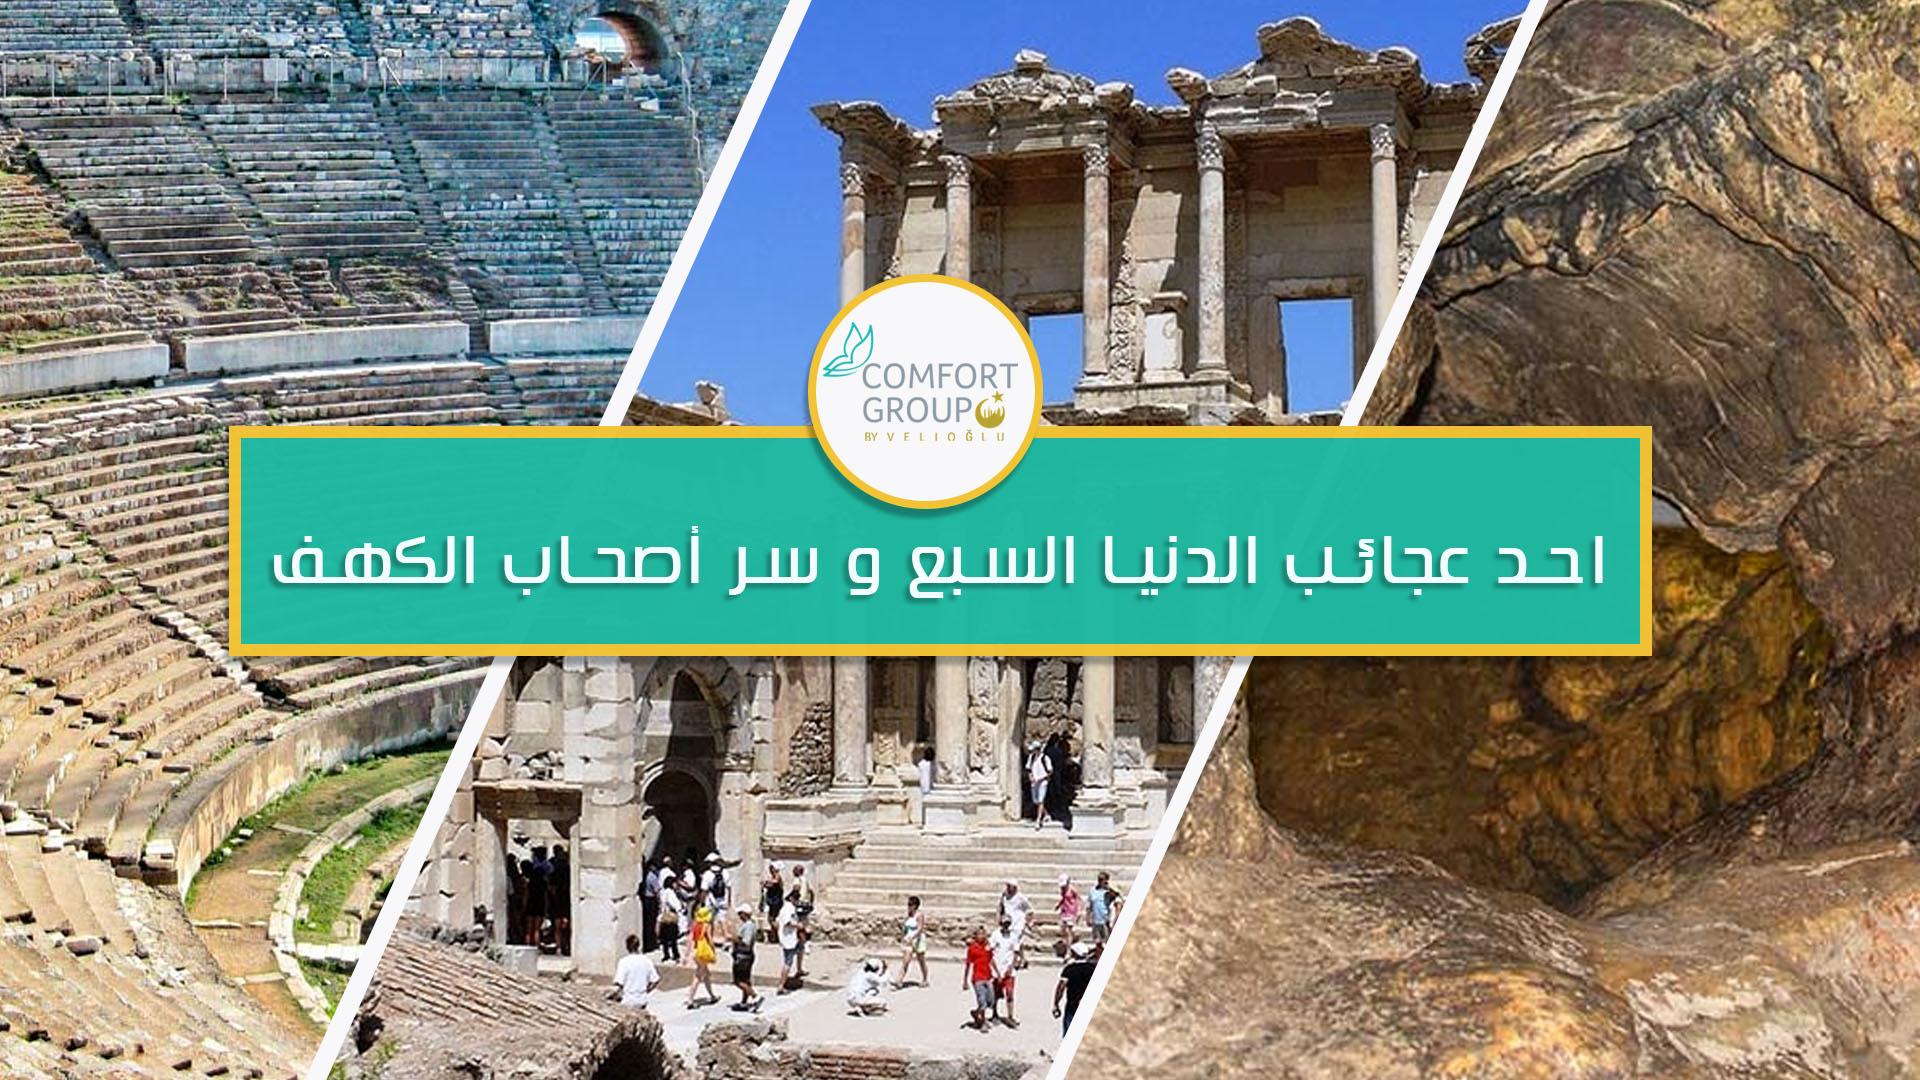 مليون 810 ألف شخص زاروا مدينة أفسس القديمة ، وهي مركز معروف للسياحة التاريخ ، بزيادة قدرها 22.5 في المئة مقارنة بالعام السابق